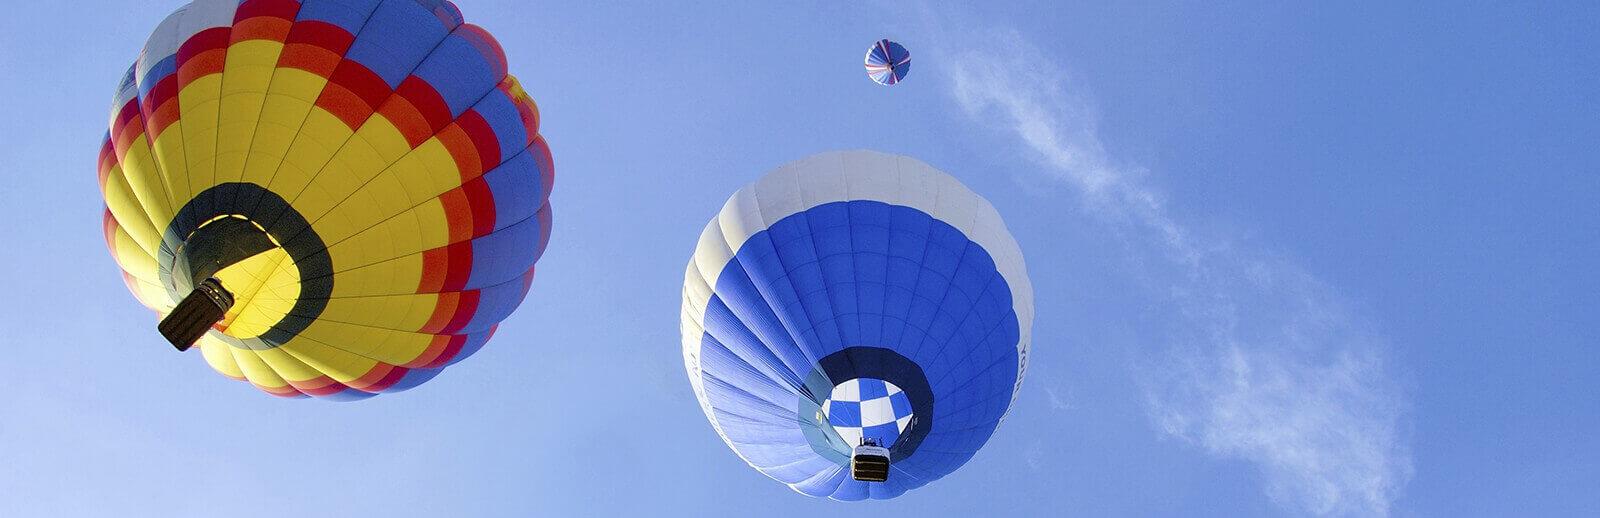 ballonnen_1600x518